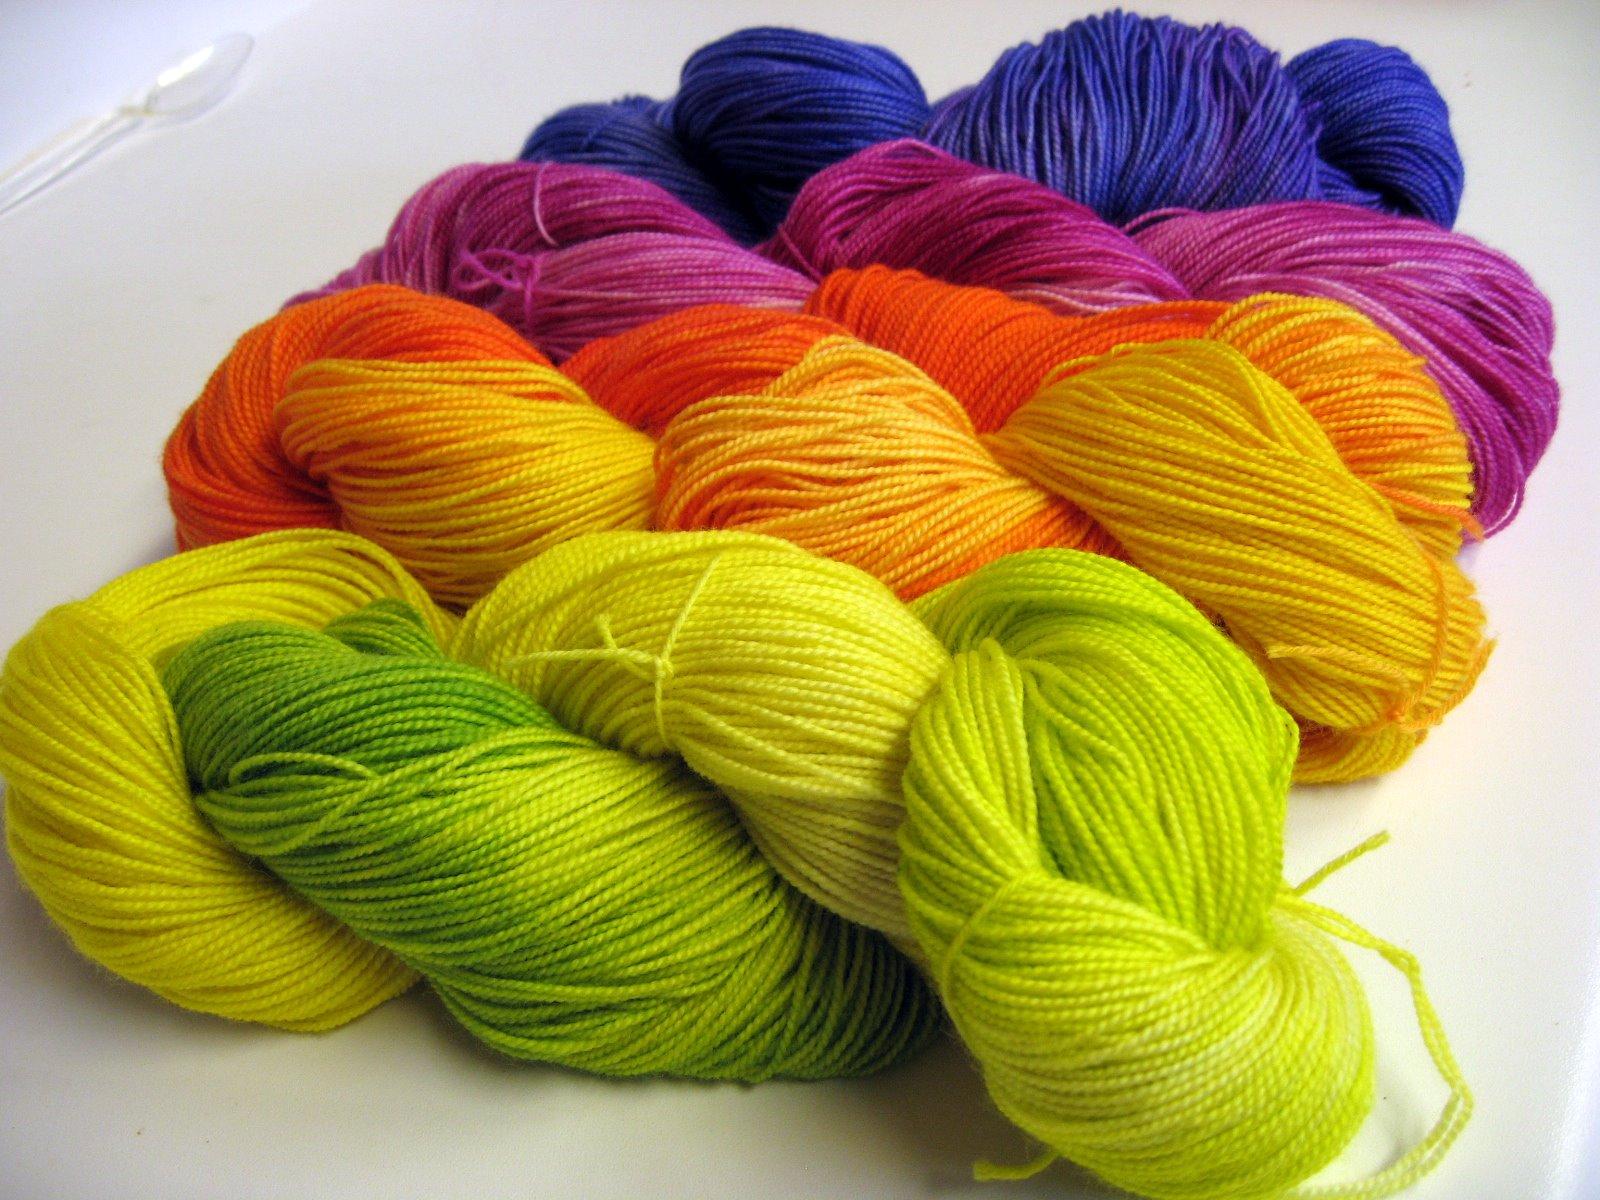 Knit Fabric Dyeing Process Pdf : Textile machinery